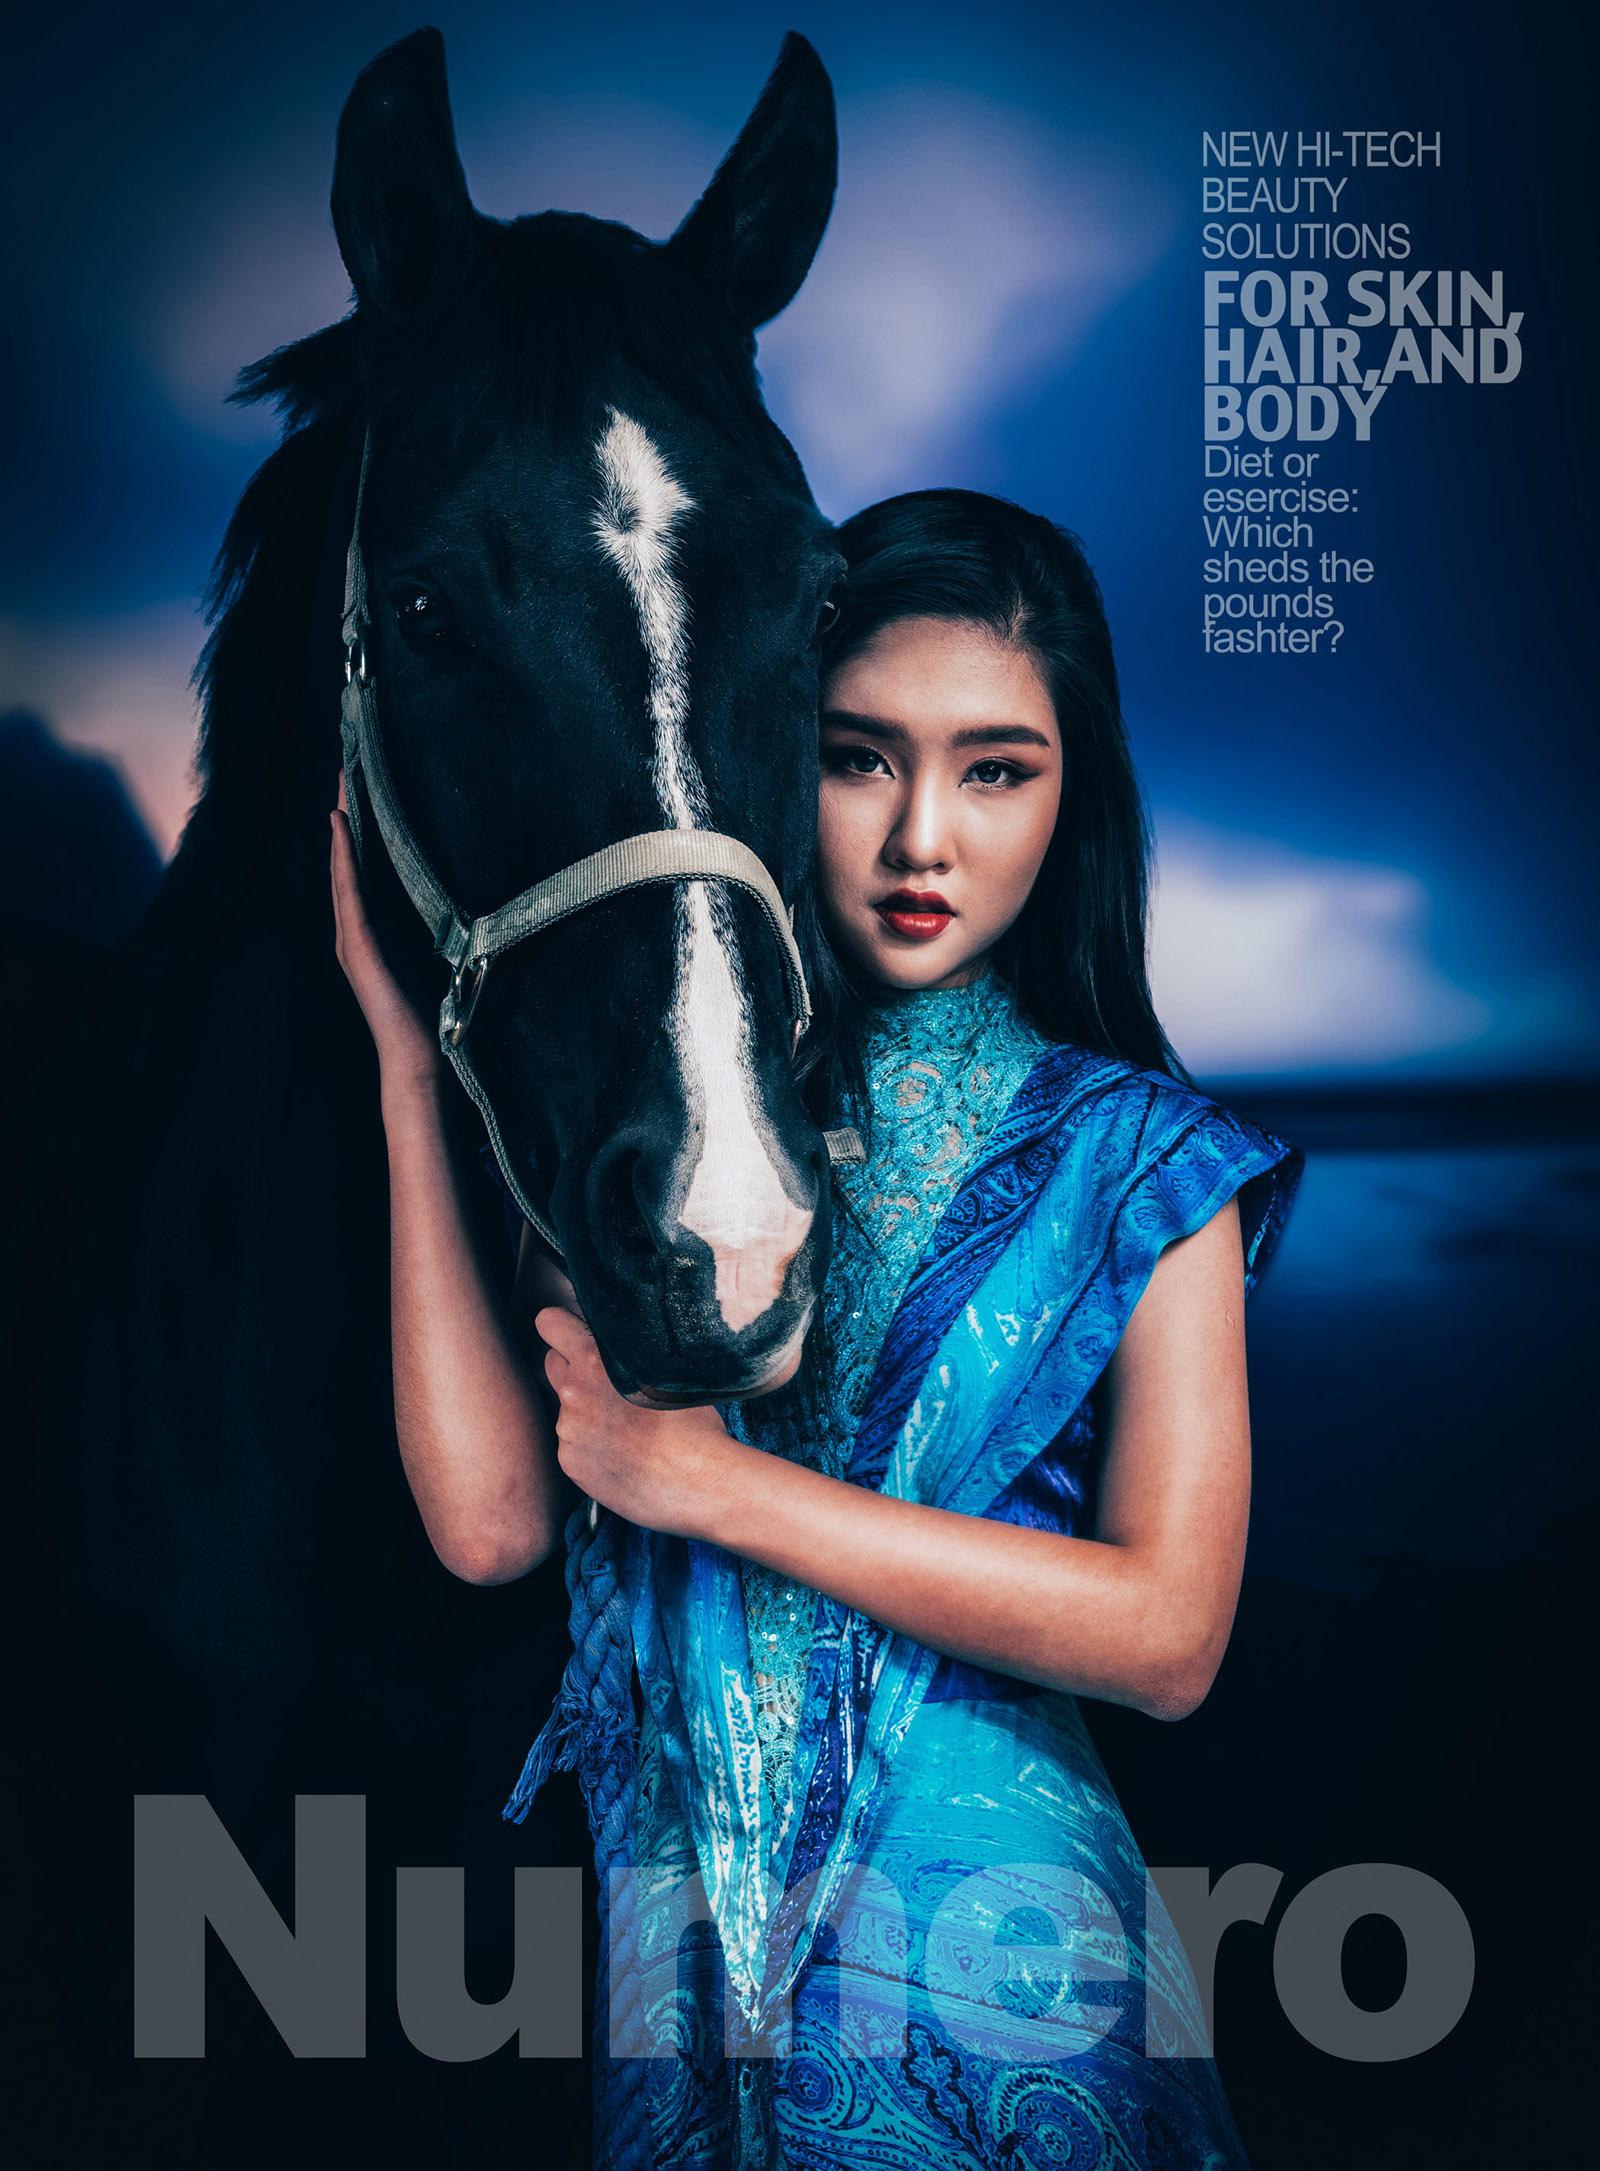 印象设计杂志封面 (13)